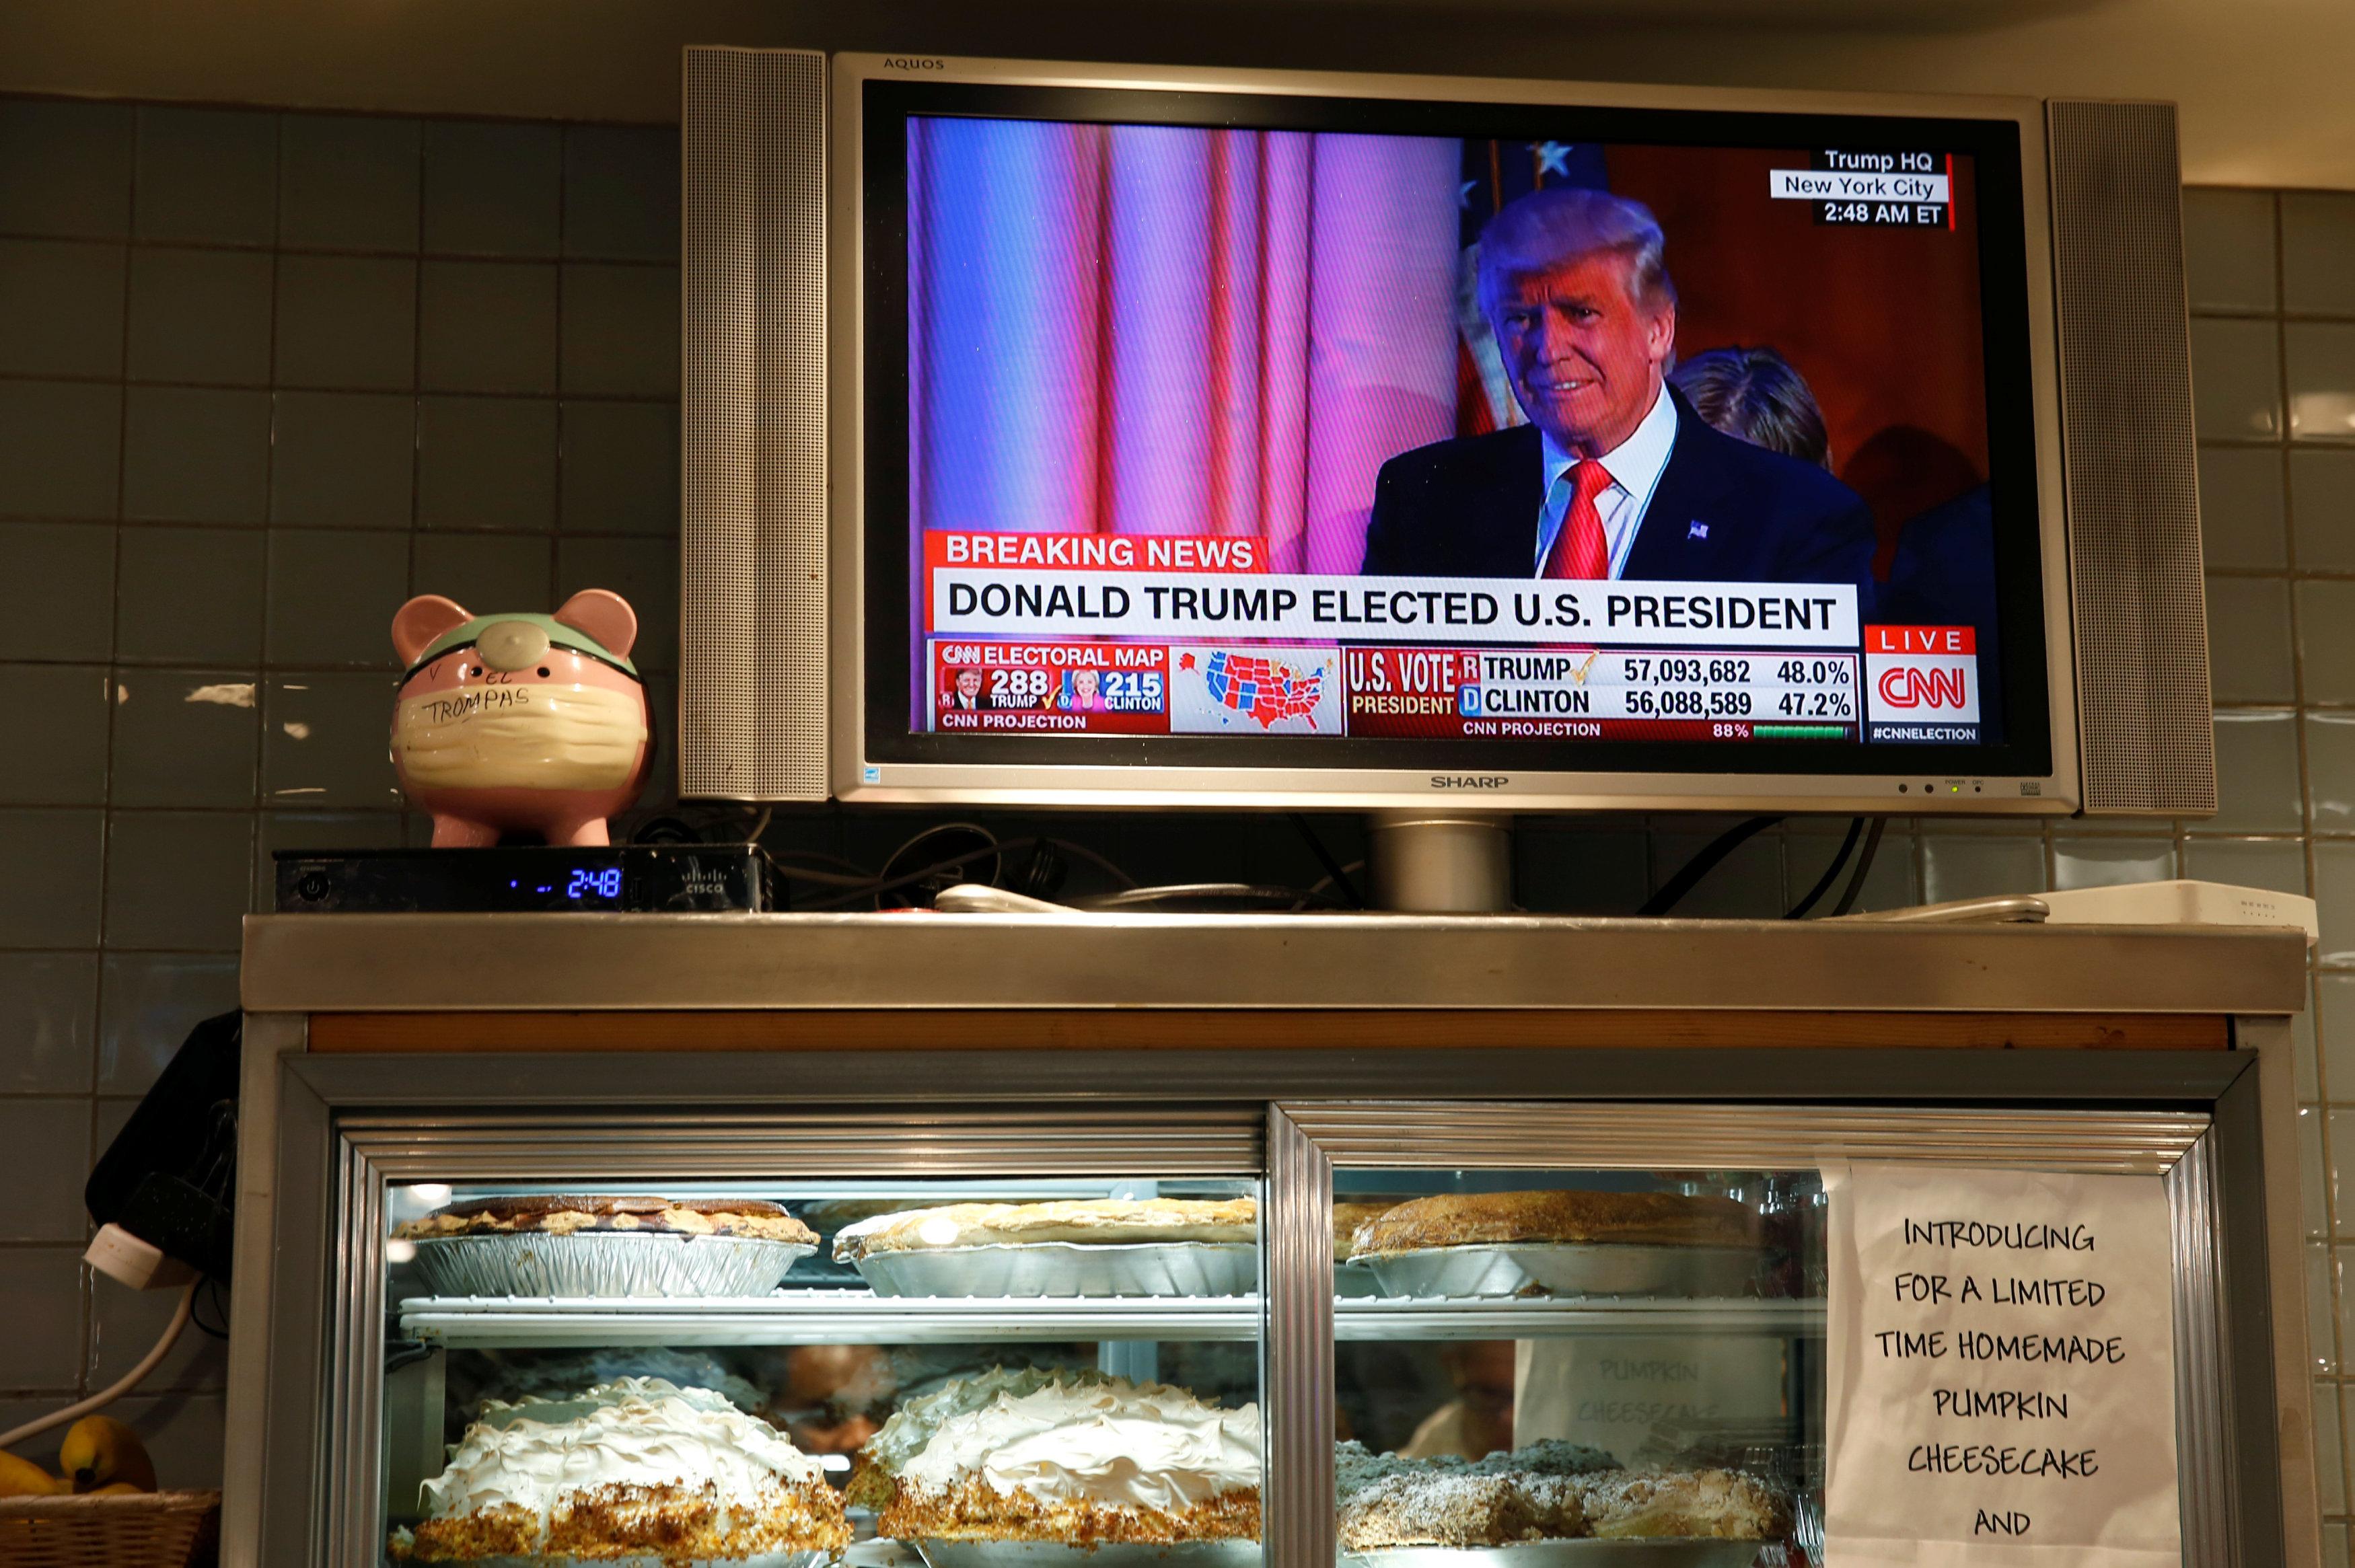 Телевизор в нью-йоркском кафе показывает данные об избрании Дональда Трампа президентом США